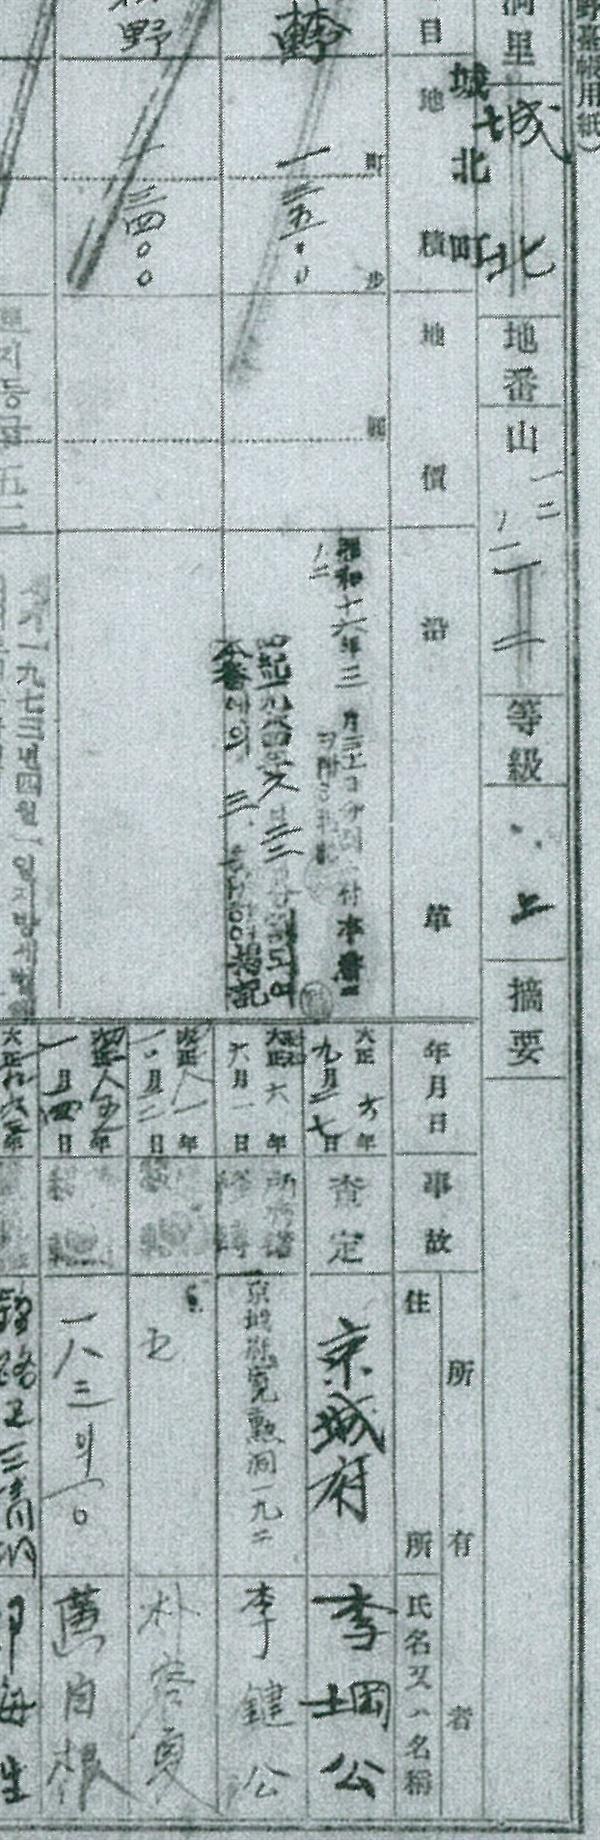 < 그림4 > 성북동12-1번지 폐쇄토지대장 대정 6년 9월 27일 이강공(의친왕)의 소유가 되었음이 확인 된다.